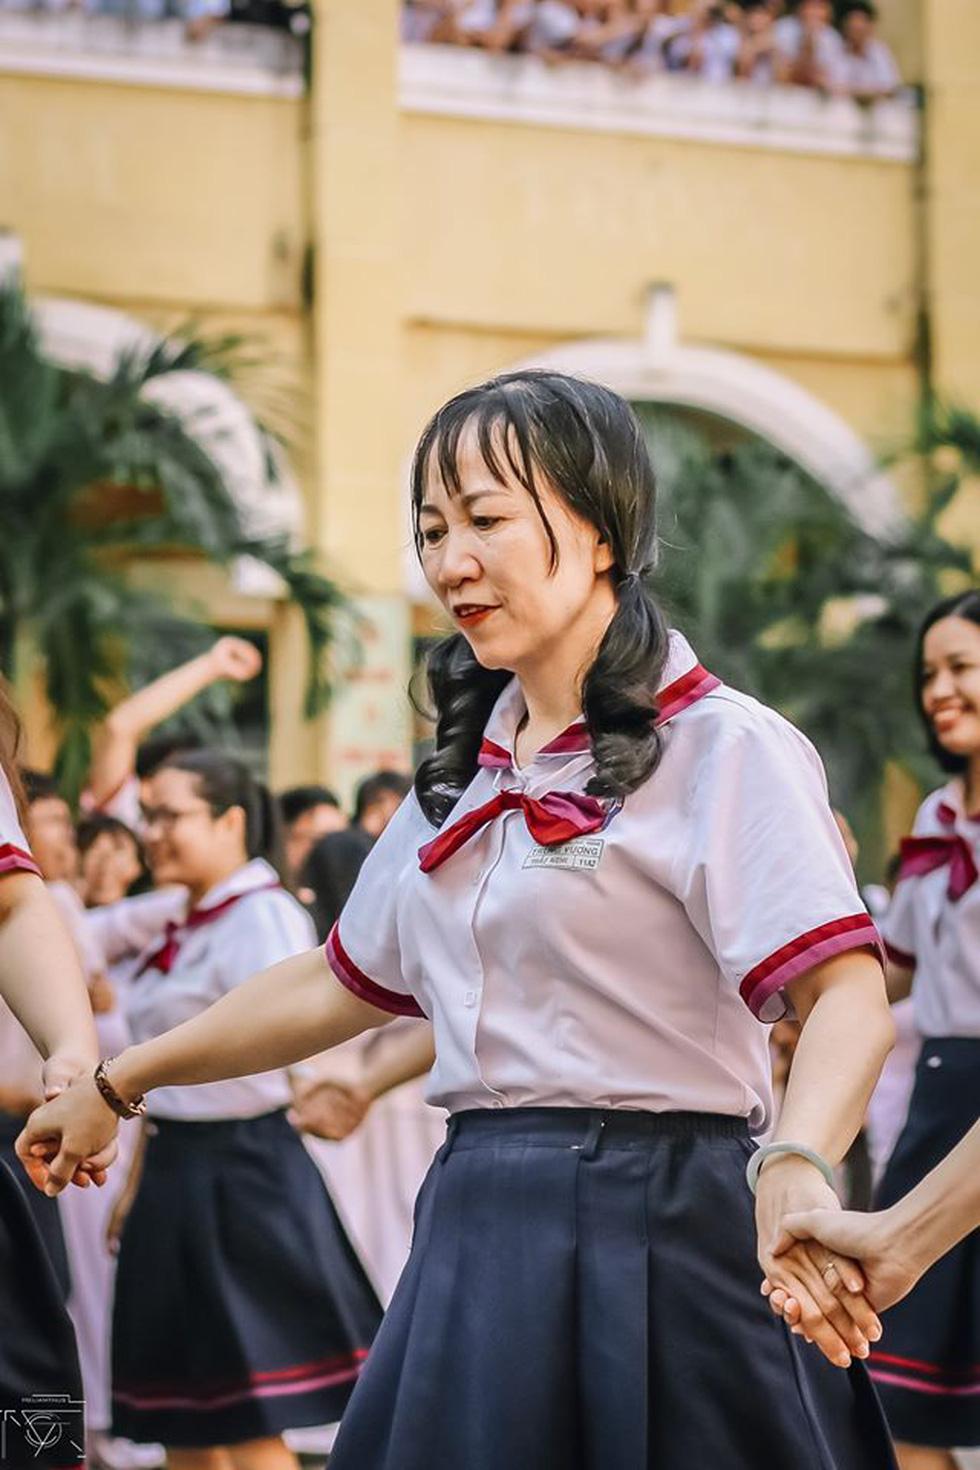 Thầy đeo kính râm, cô buộc tóc chùm nhảy flashmob khiến cả trường rần rần - Ảnh 6.